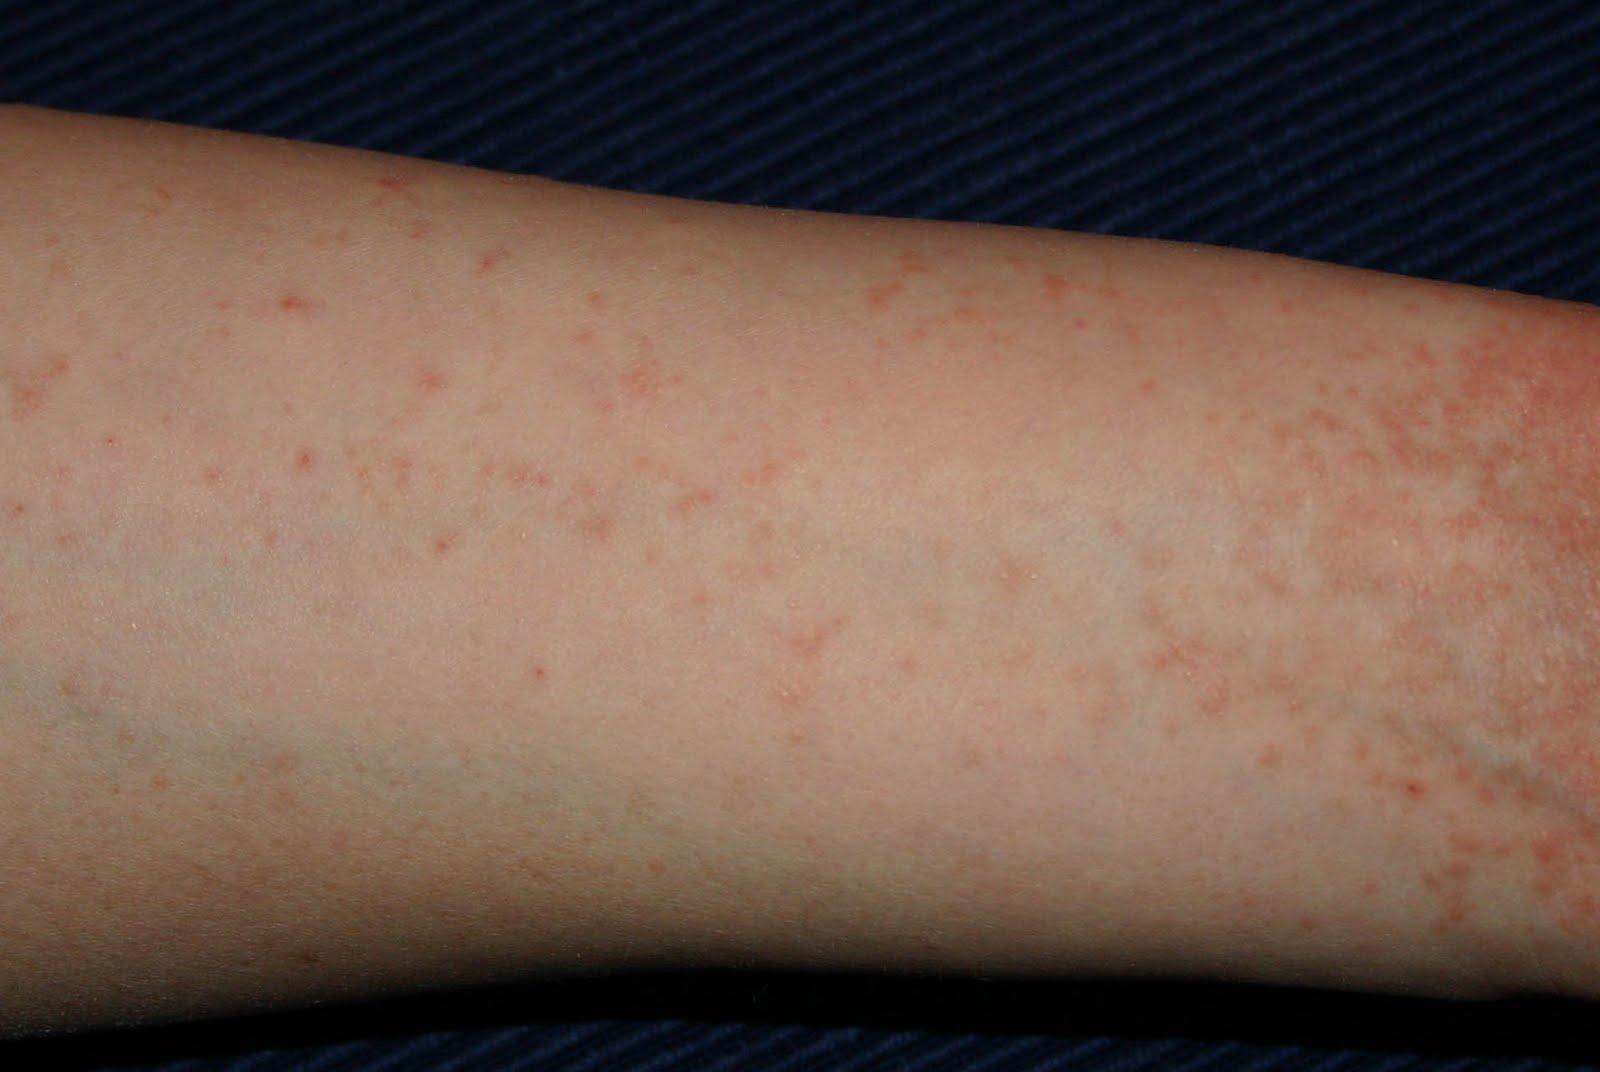 vörös foltok a lábakon akds után hogyan lehet a kezeken s a lábakon pikkelysömör gyógyítani